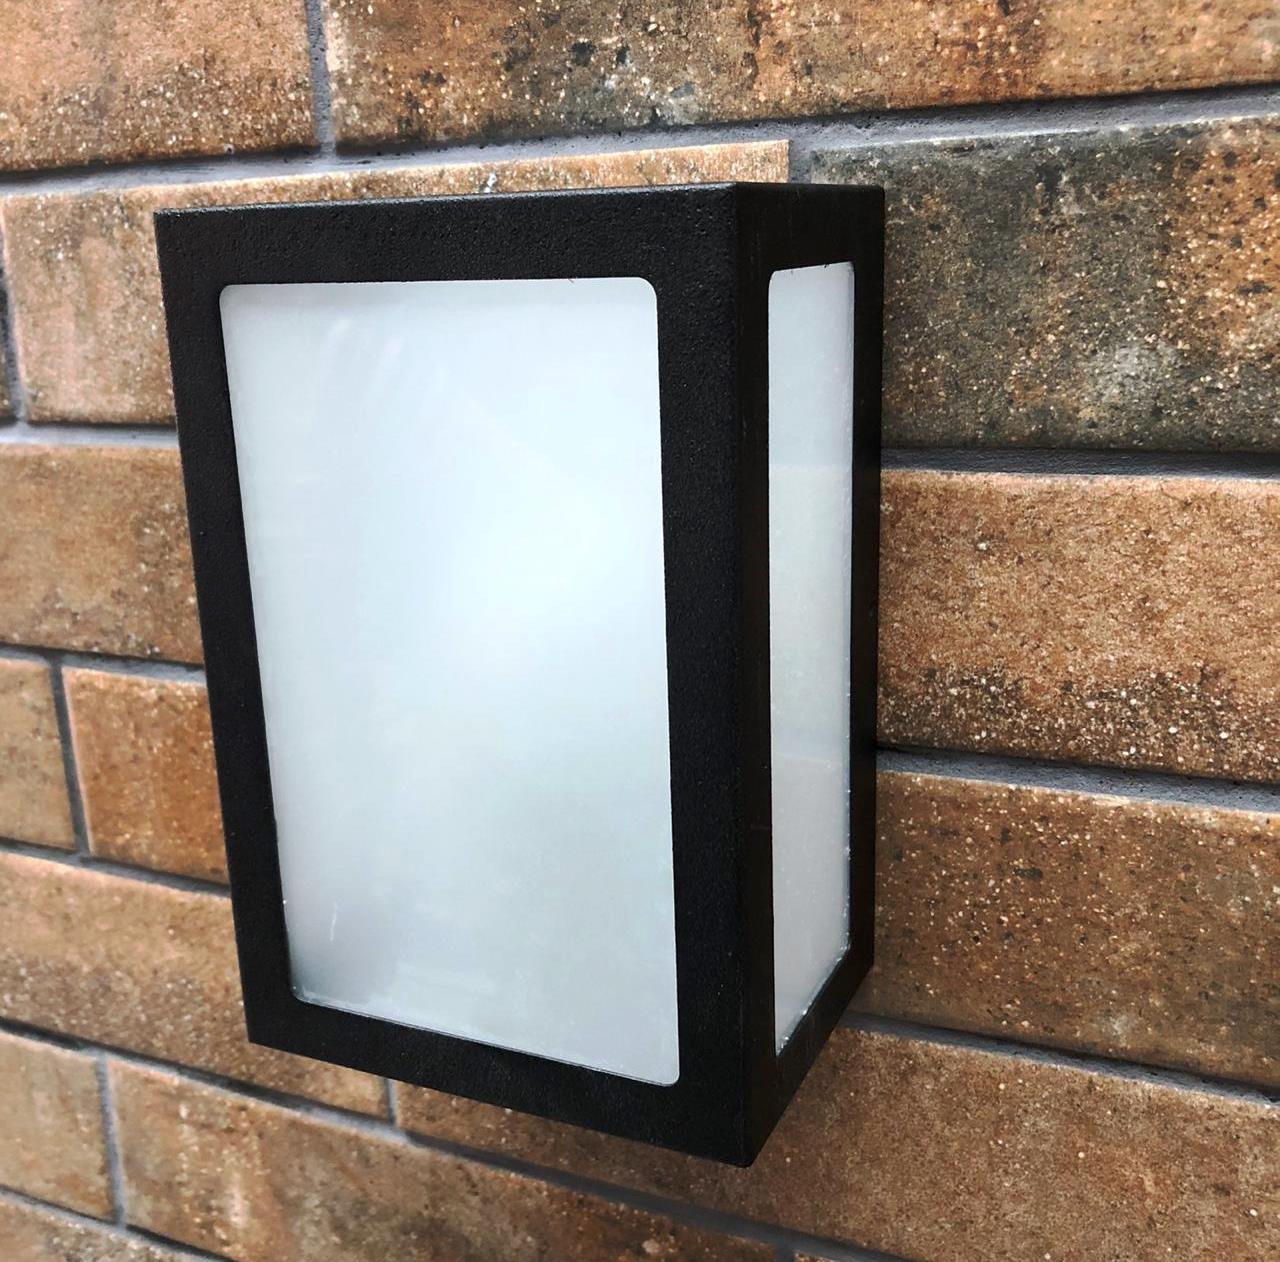 Arandela 5 Vidros Parede Muro Para Área Externa e Interna E27 Branca